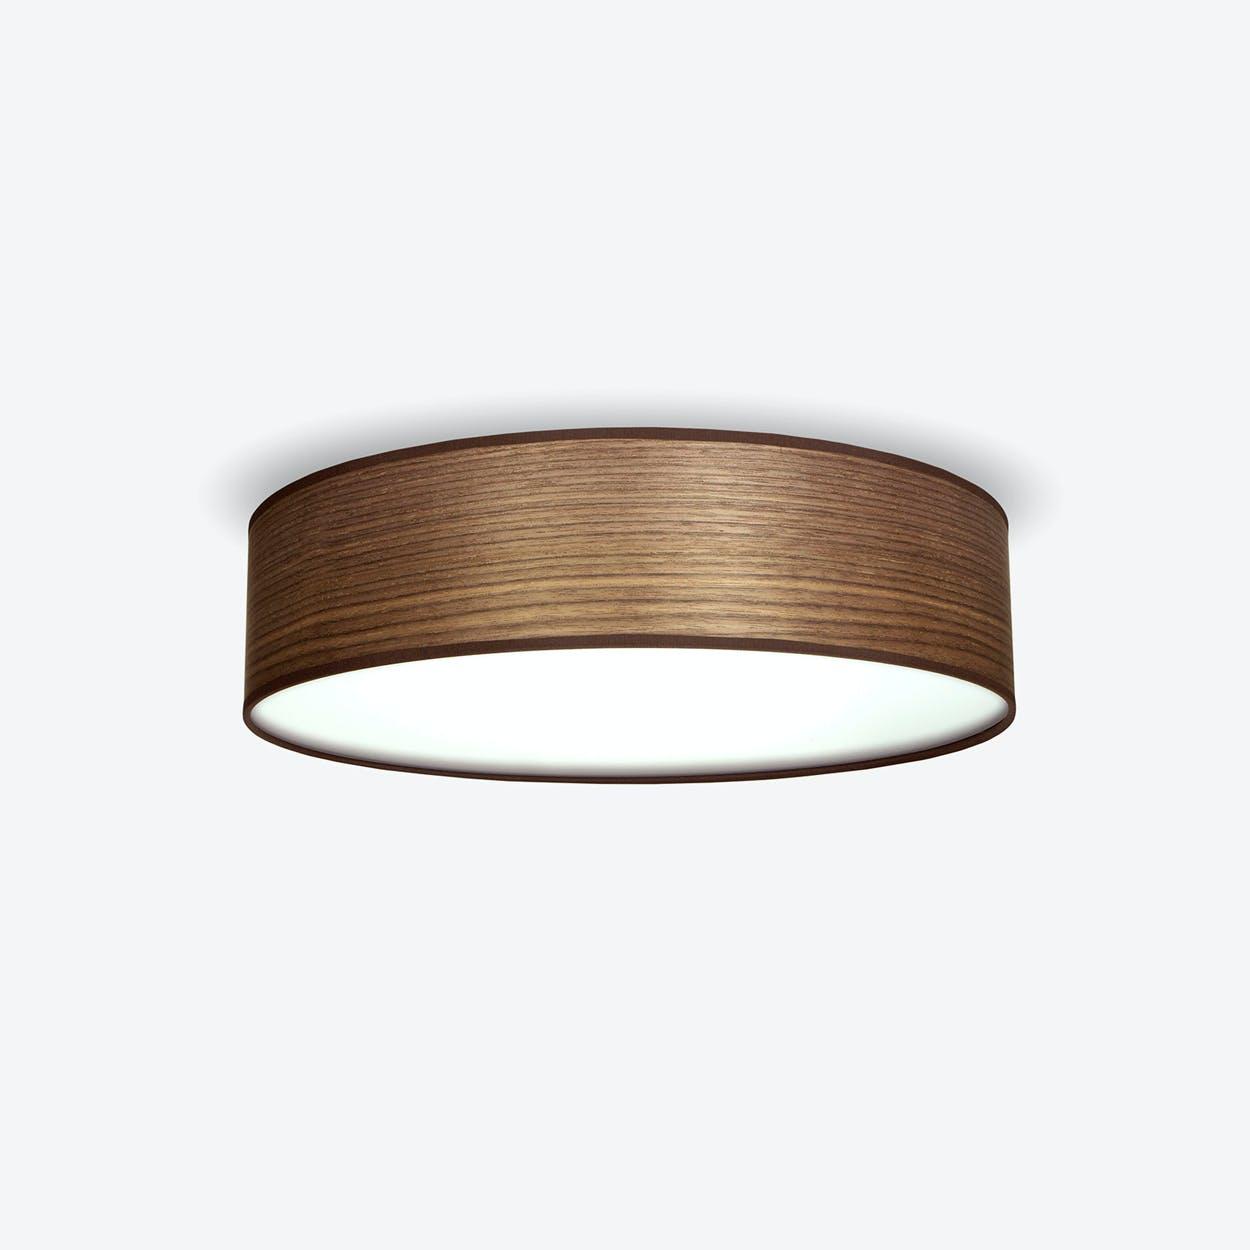 TSURI LargeCeiling Lamp in Walnut